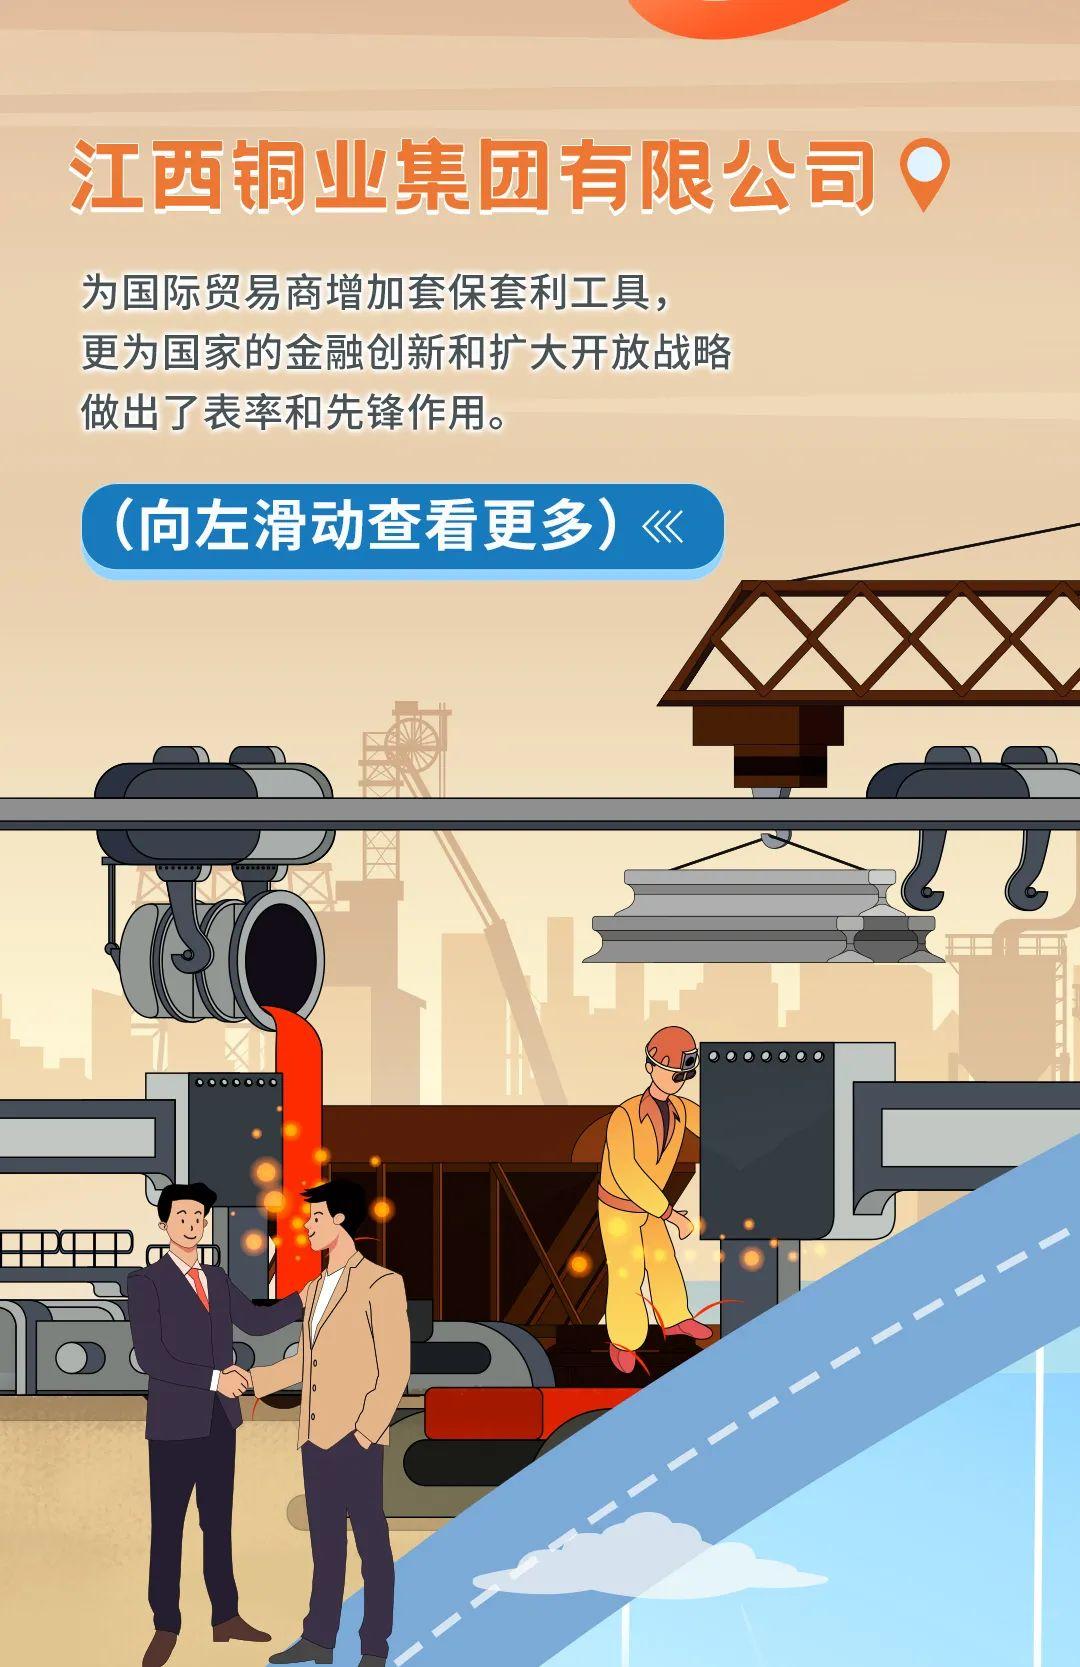 【上期所】国际铜上市前瞻——江铜、云铜、阳谷祥